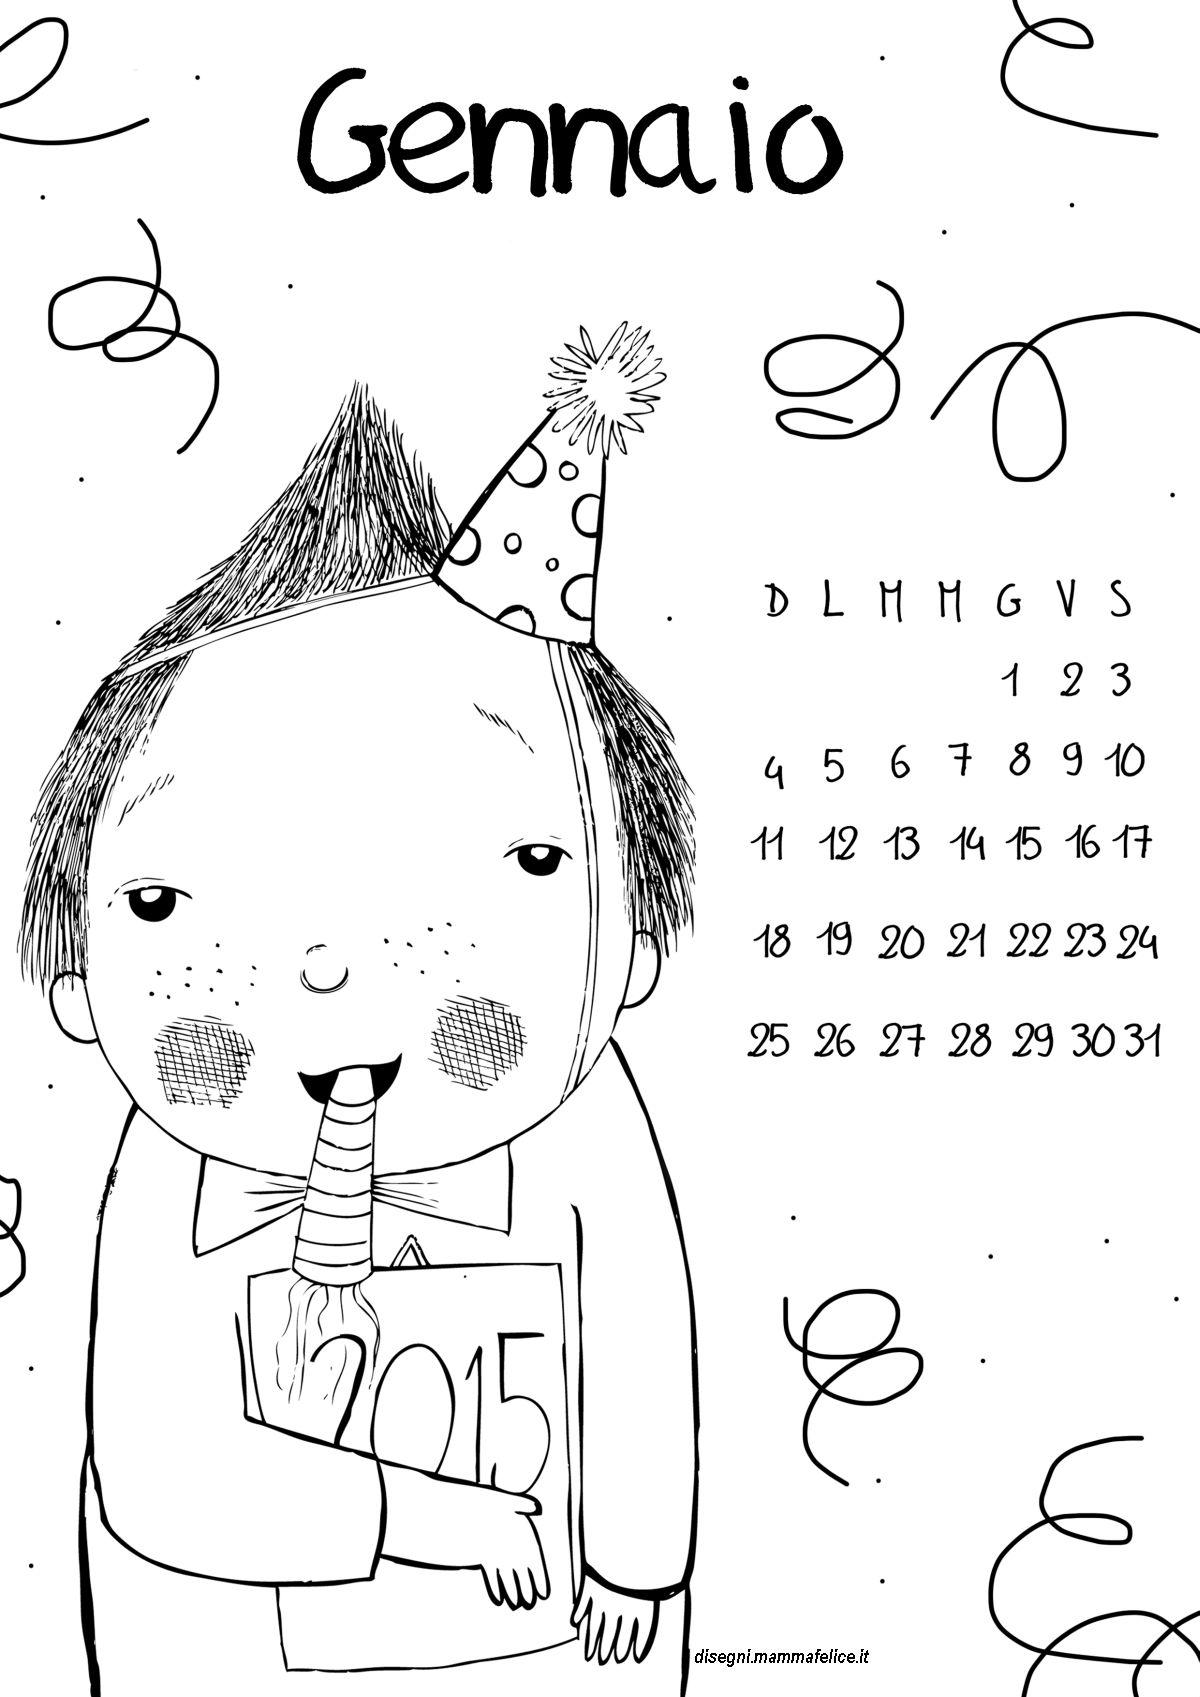 Favoloso Calendario da colorare Gennaio 2015 | Disegni Mammafelice BX71